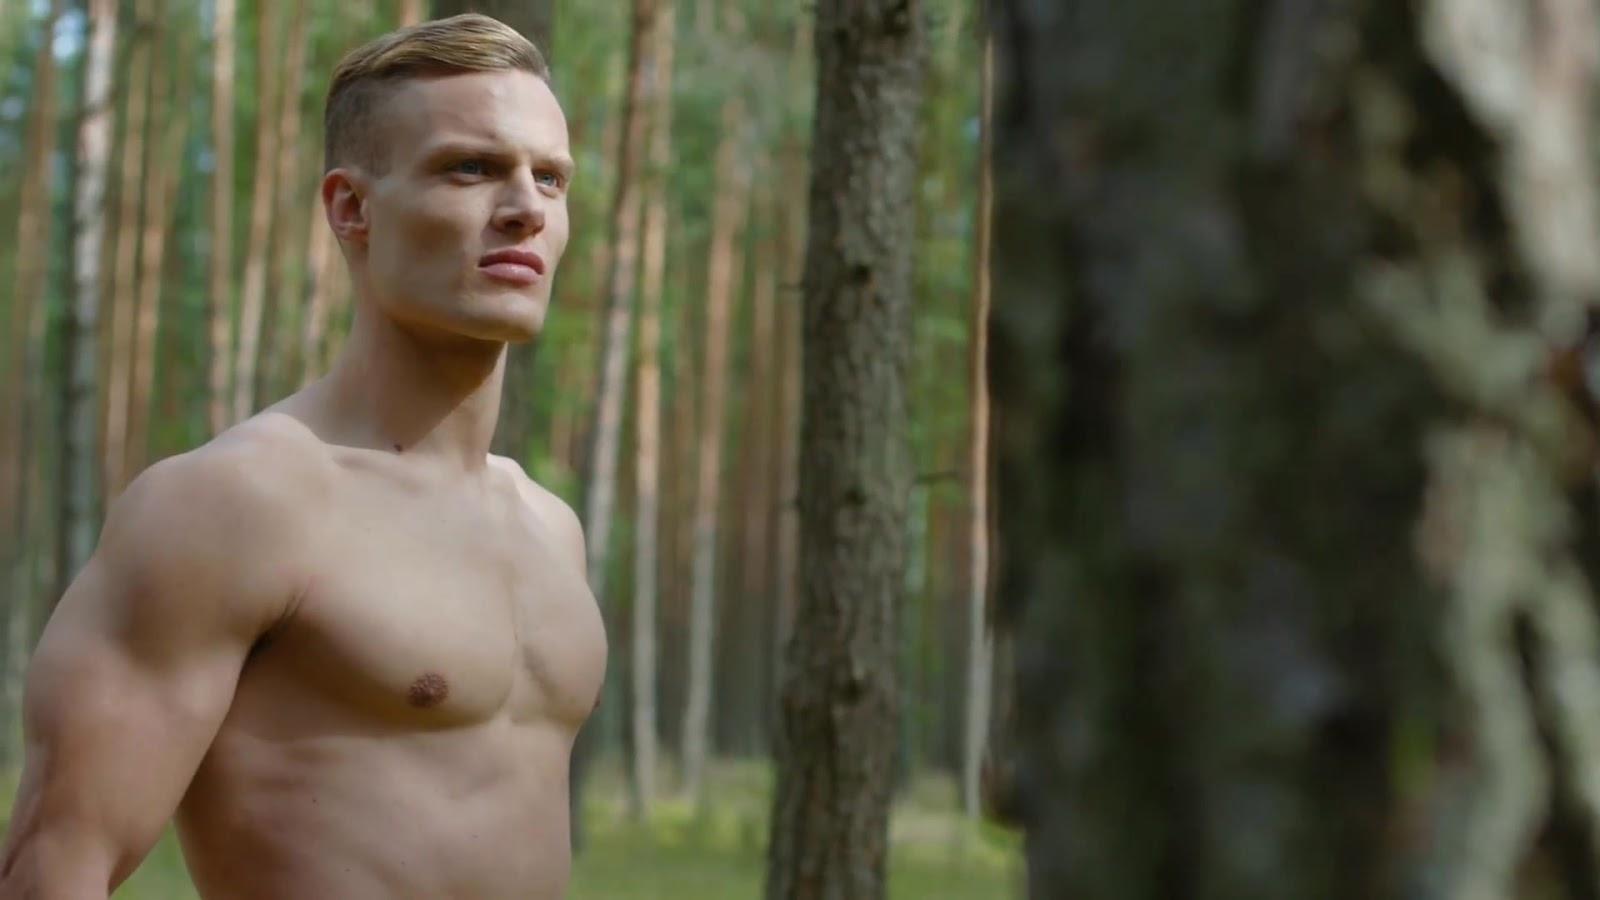 Robert maaser nackt